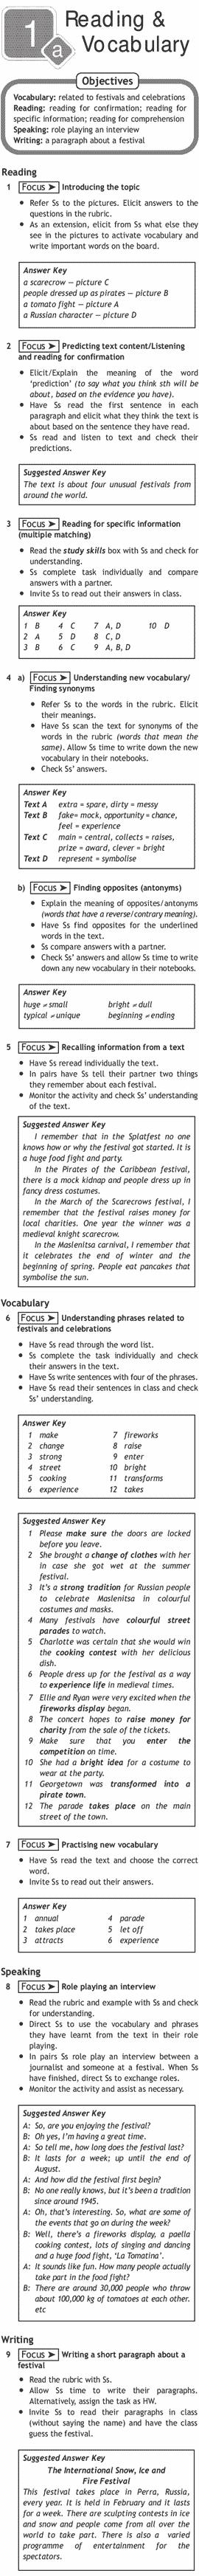 домашняя работа гдз по английскому языку 9 класс готовые домашние задания к учебнику английский язык 9 класс учебник spotlight английский в фо